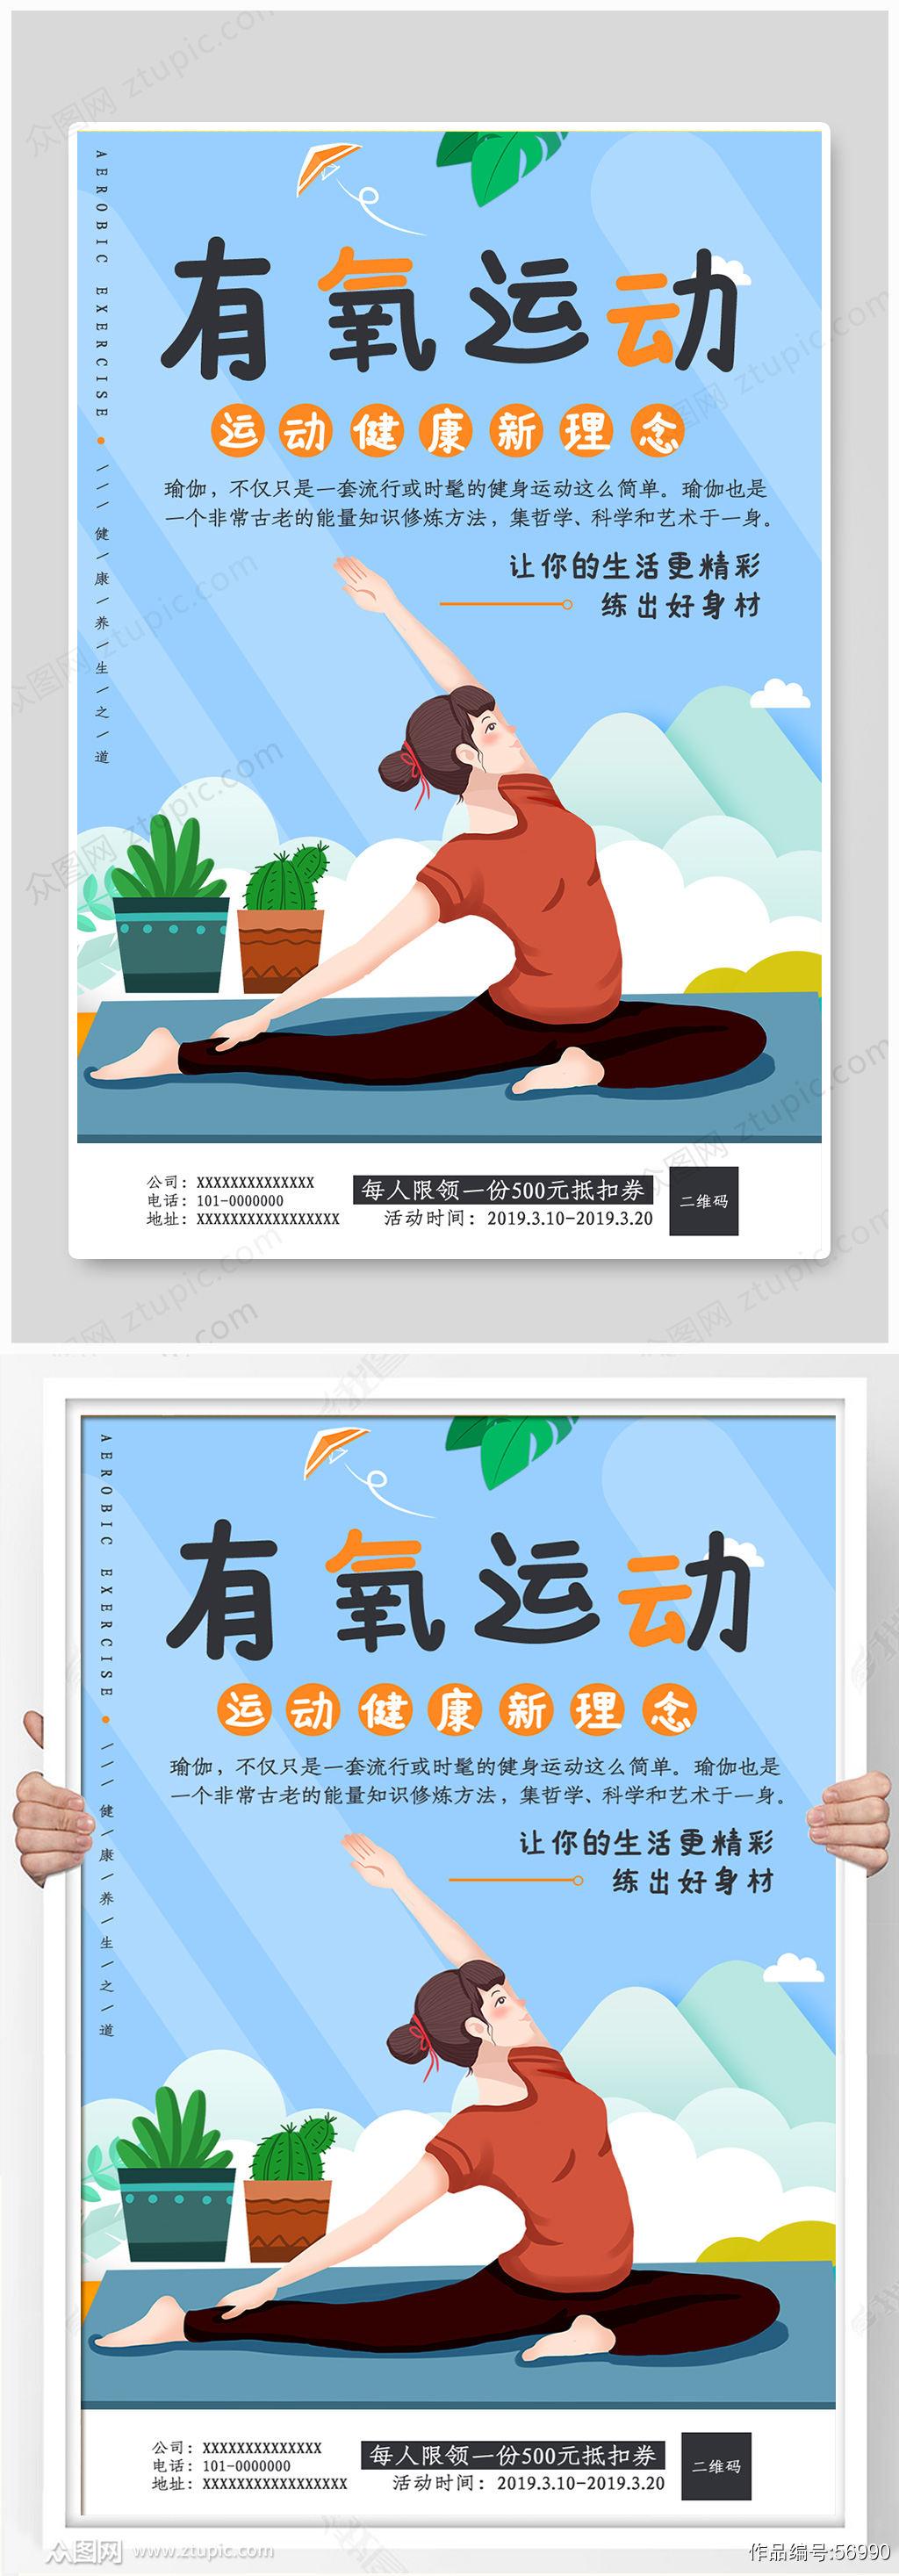 小清新插画瑜伽海报素材